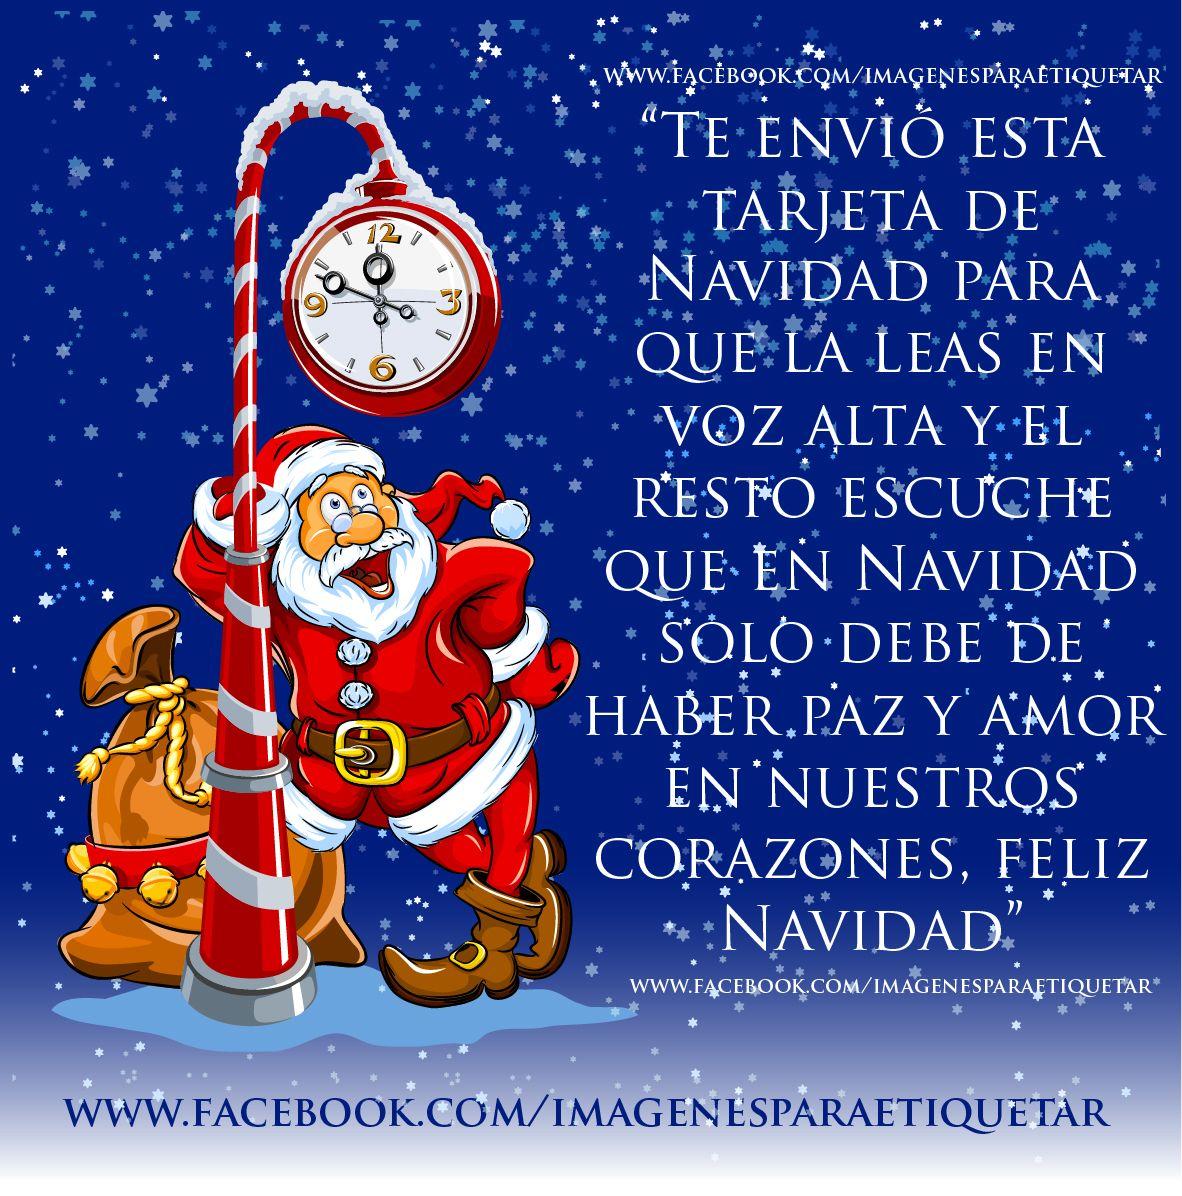 Poemas para tarjetas de navidad imgenes con frases cortas - Frases de navidad ...